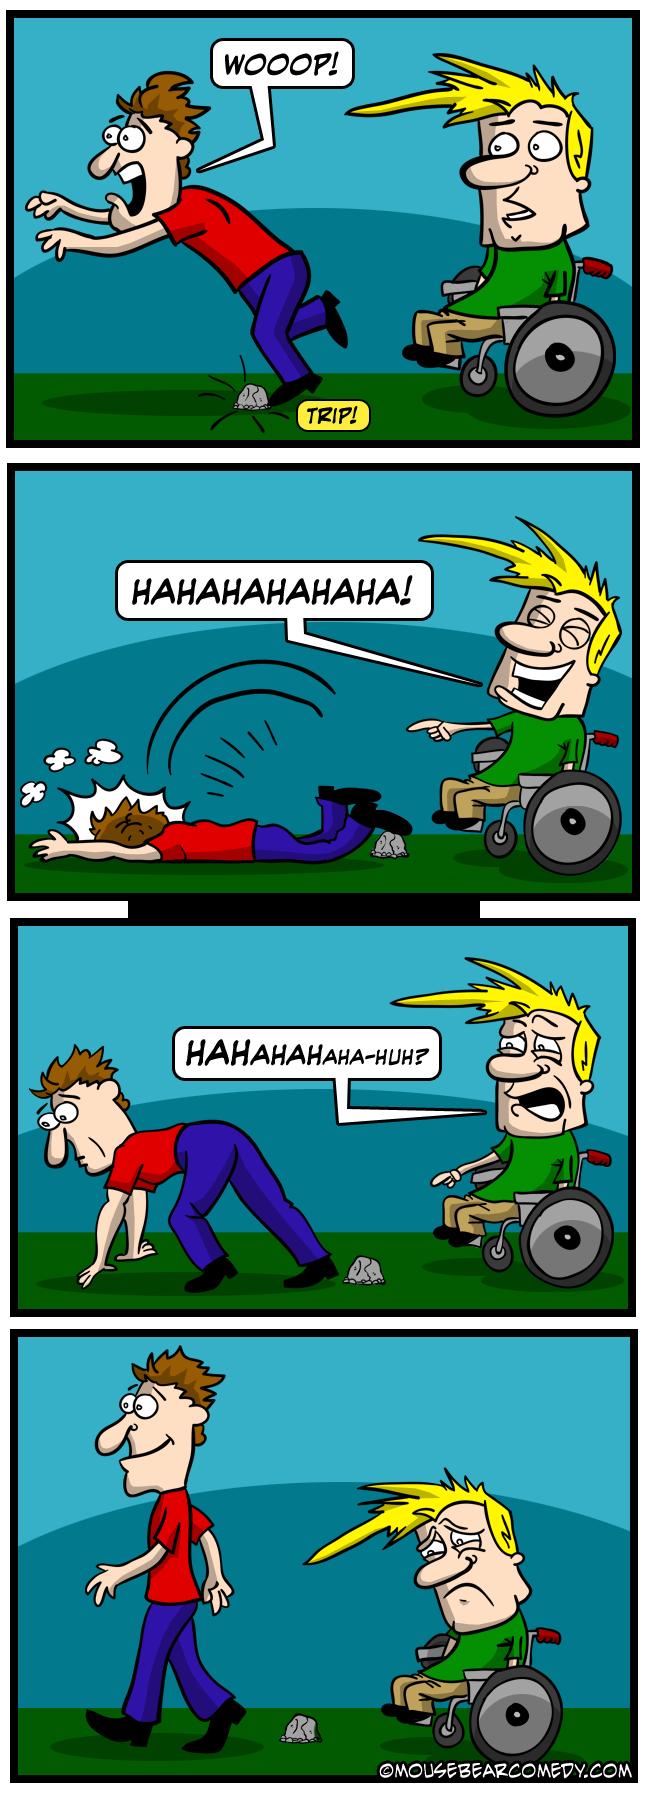 Haha Huh?